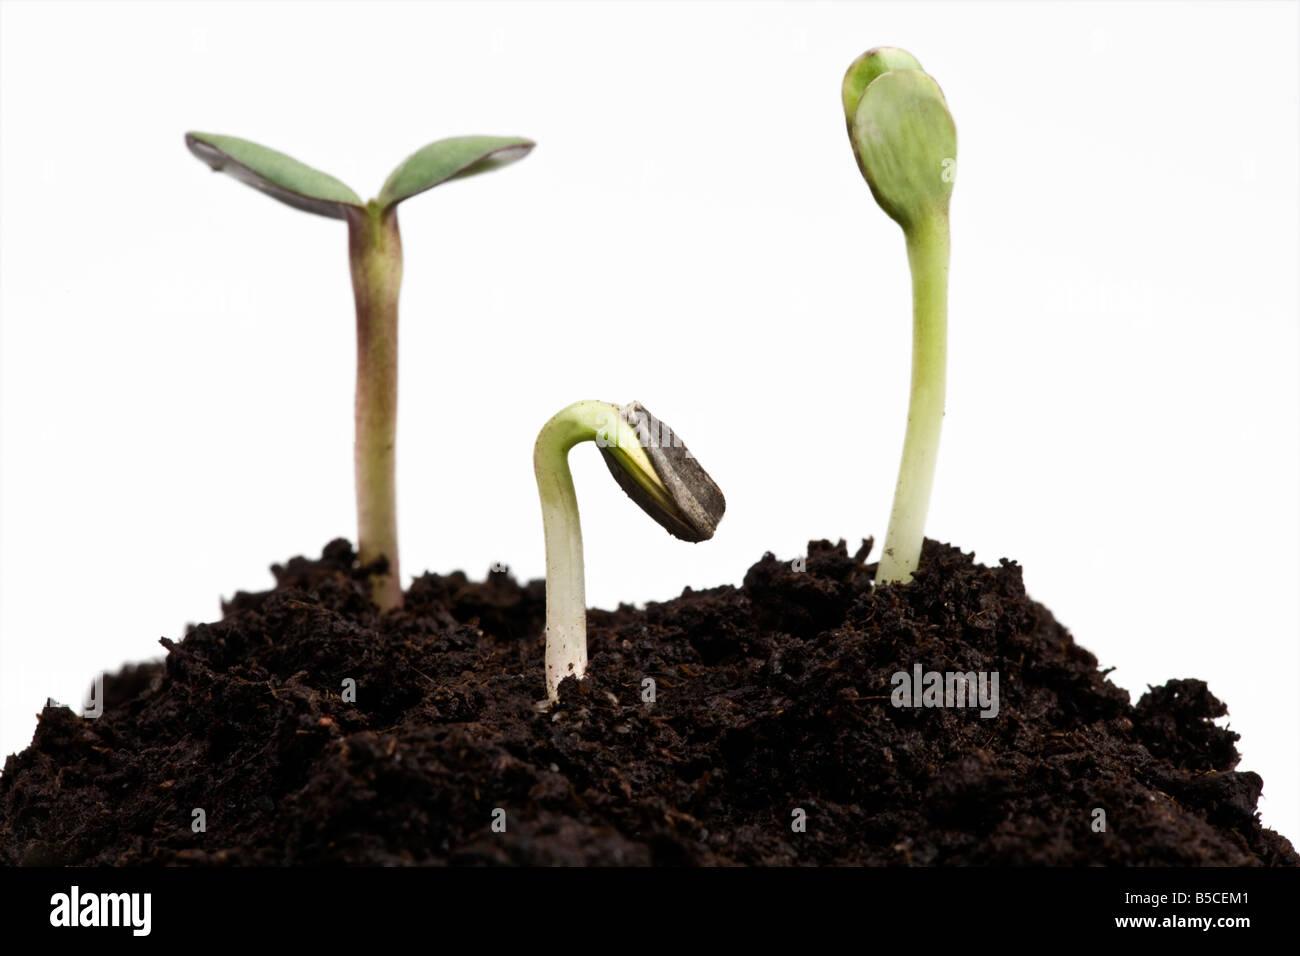 Sunflower Seedlings emerging from soil - Stock Image